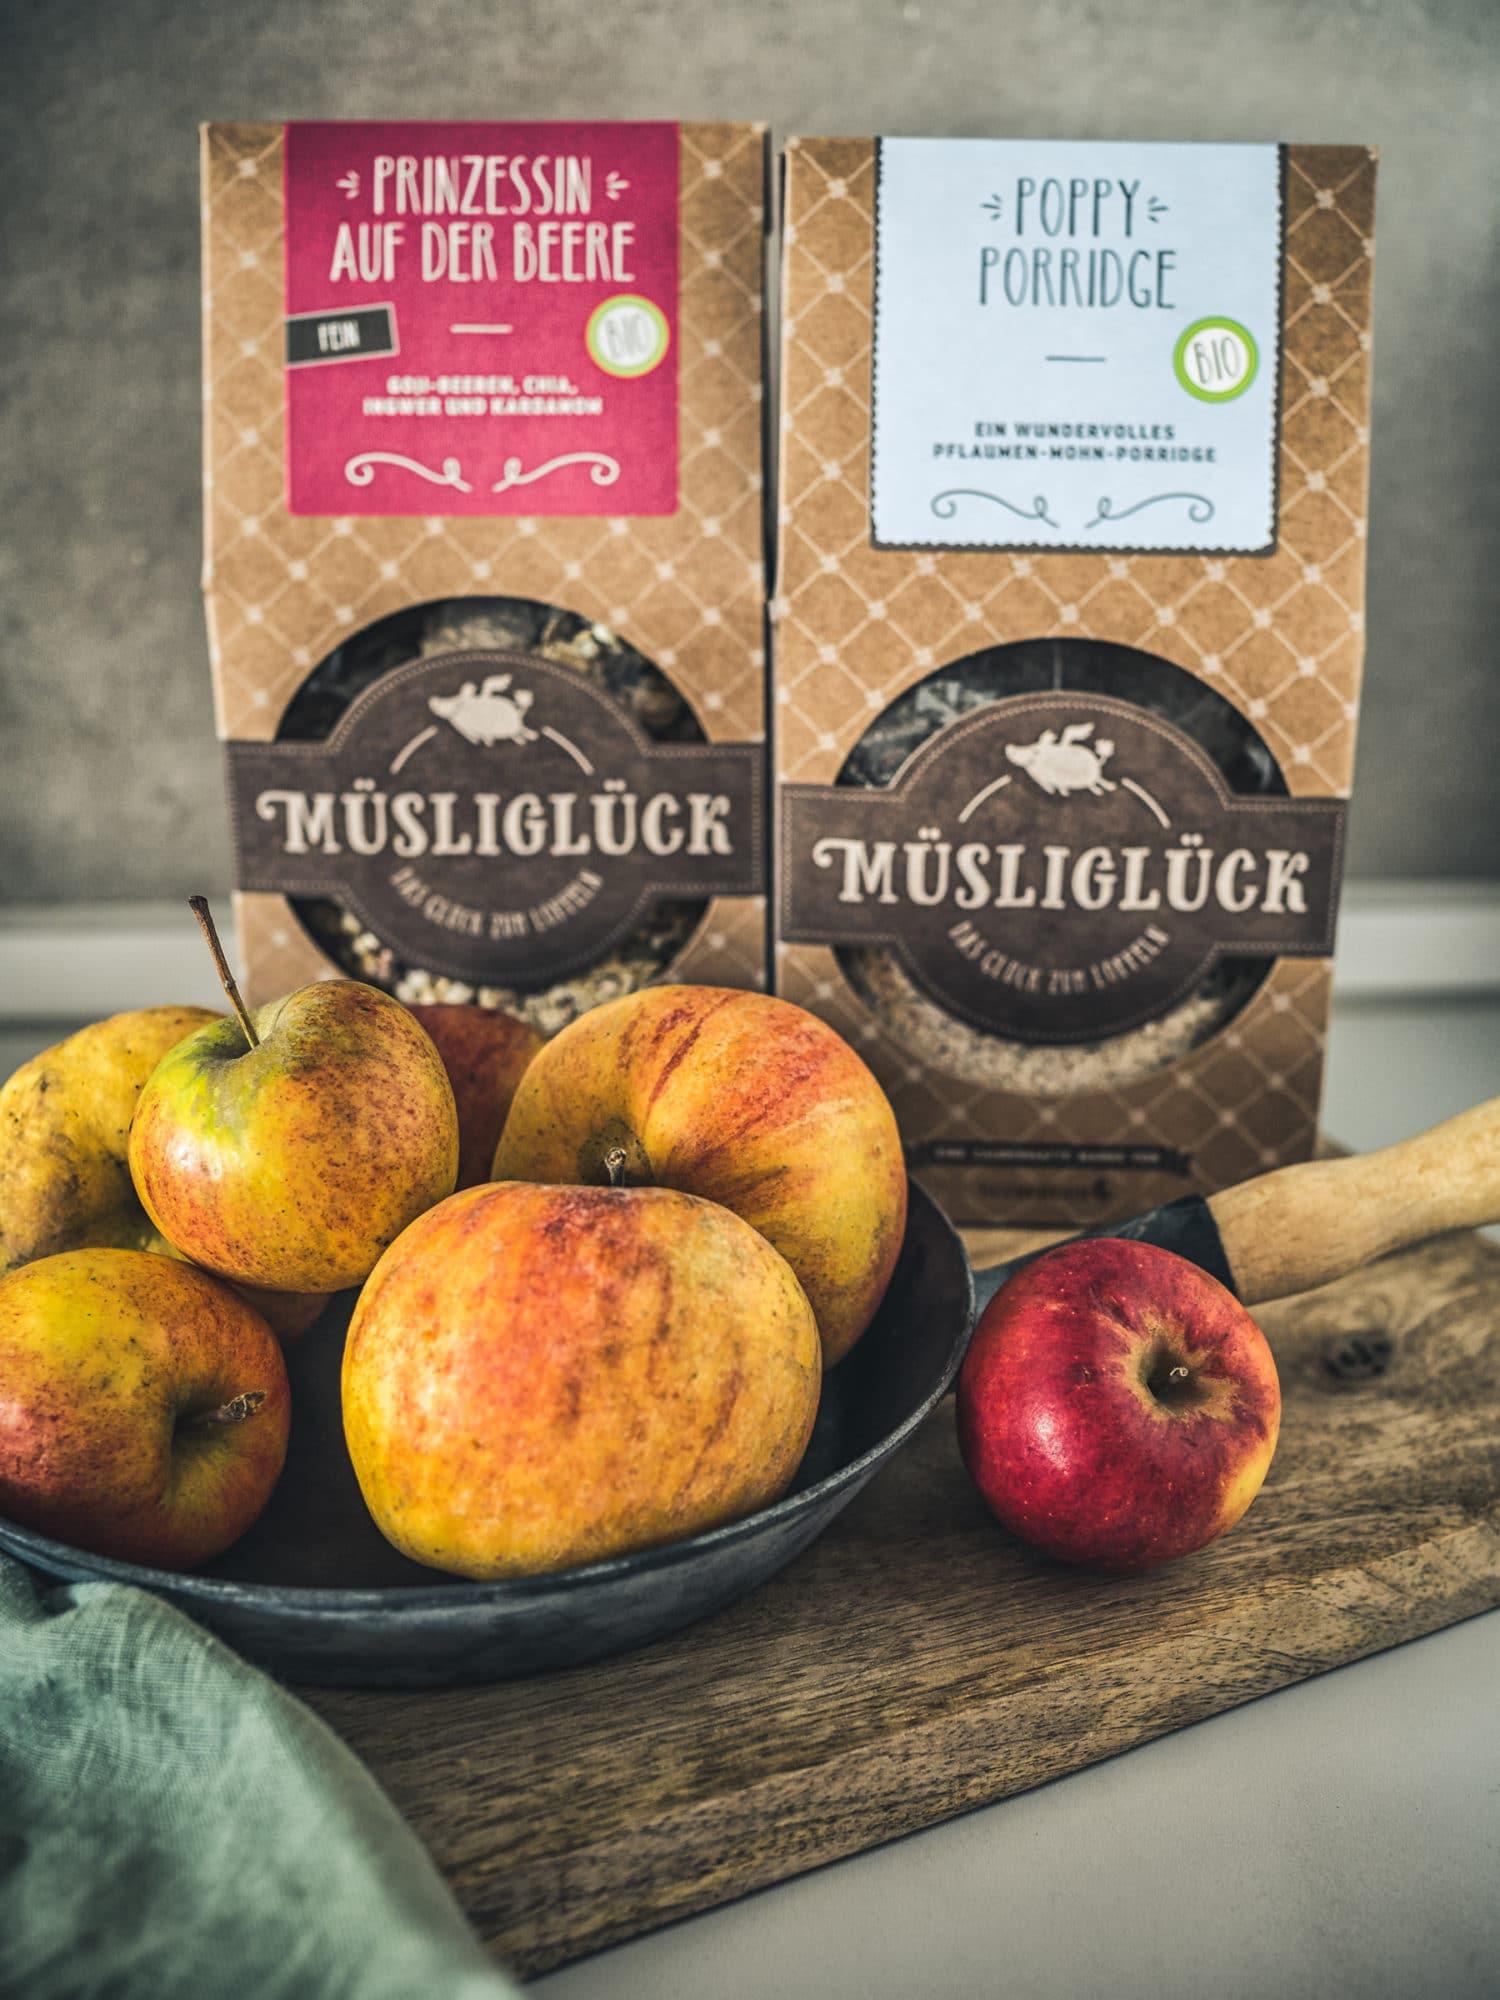 Muesliglueck für Porridge Muffins